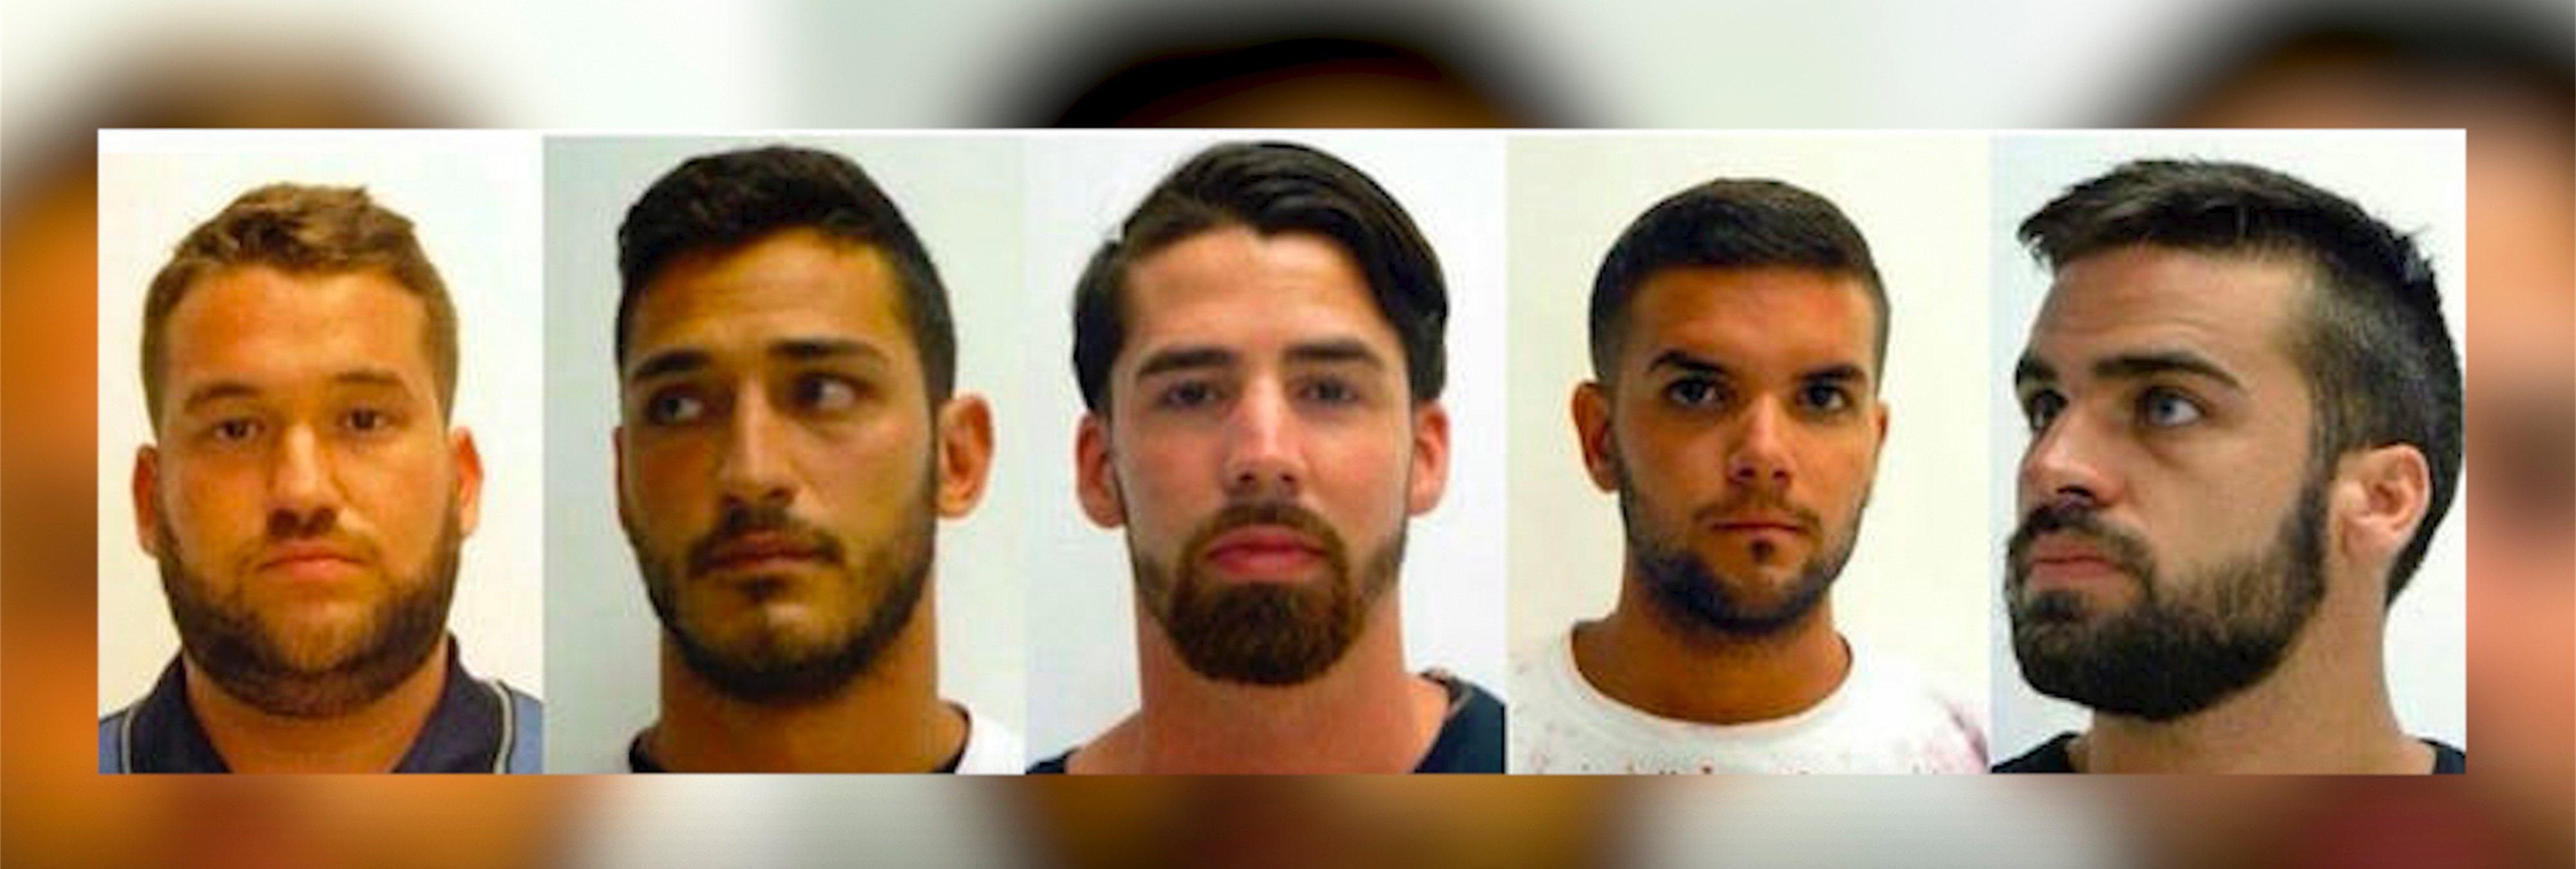 Un vídeo muestra a miembros de 'La Manada' robando gafas de sol un día antes de San Fermín